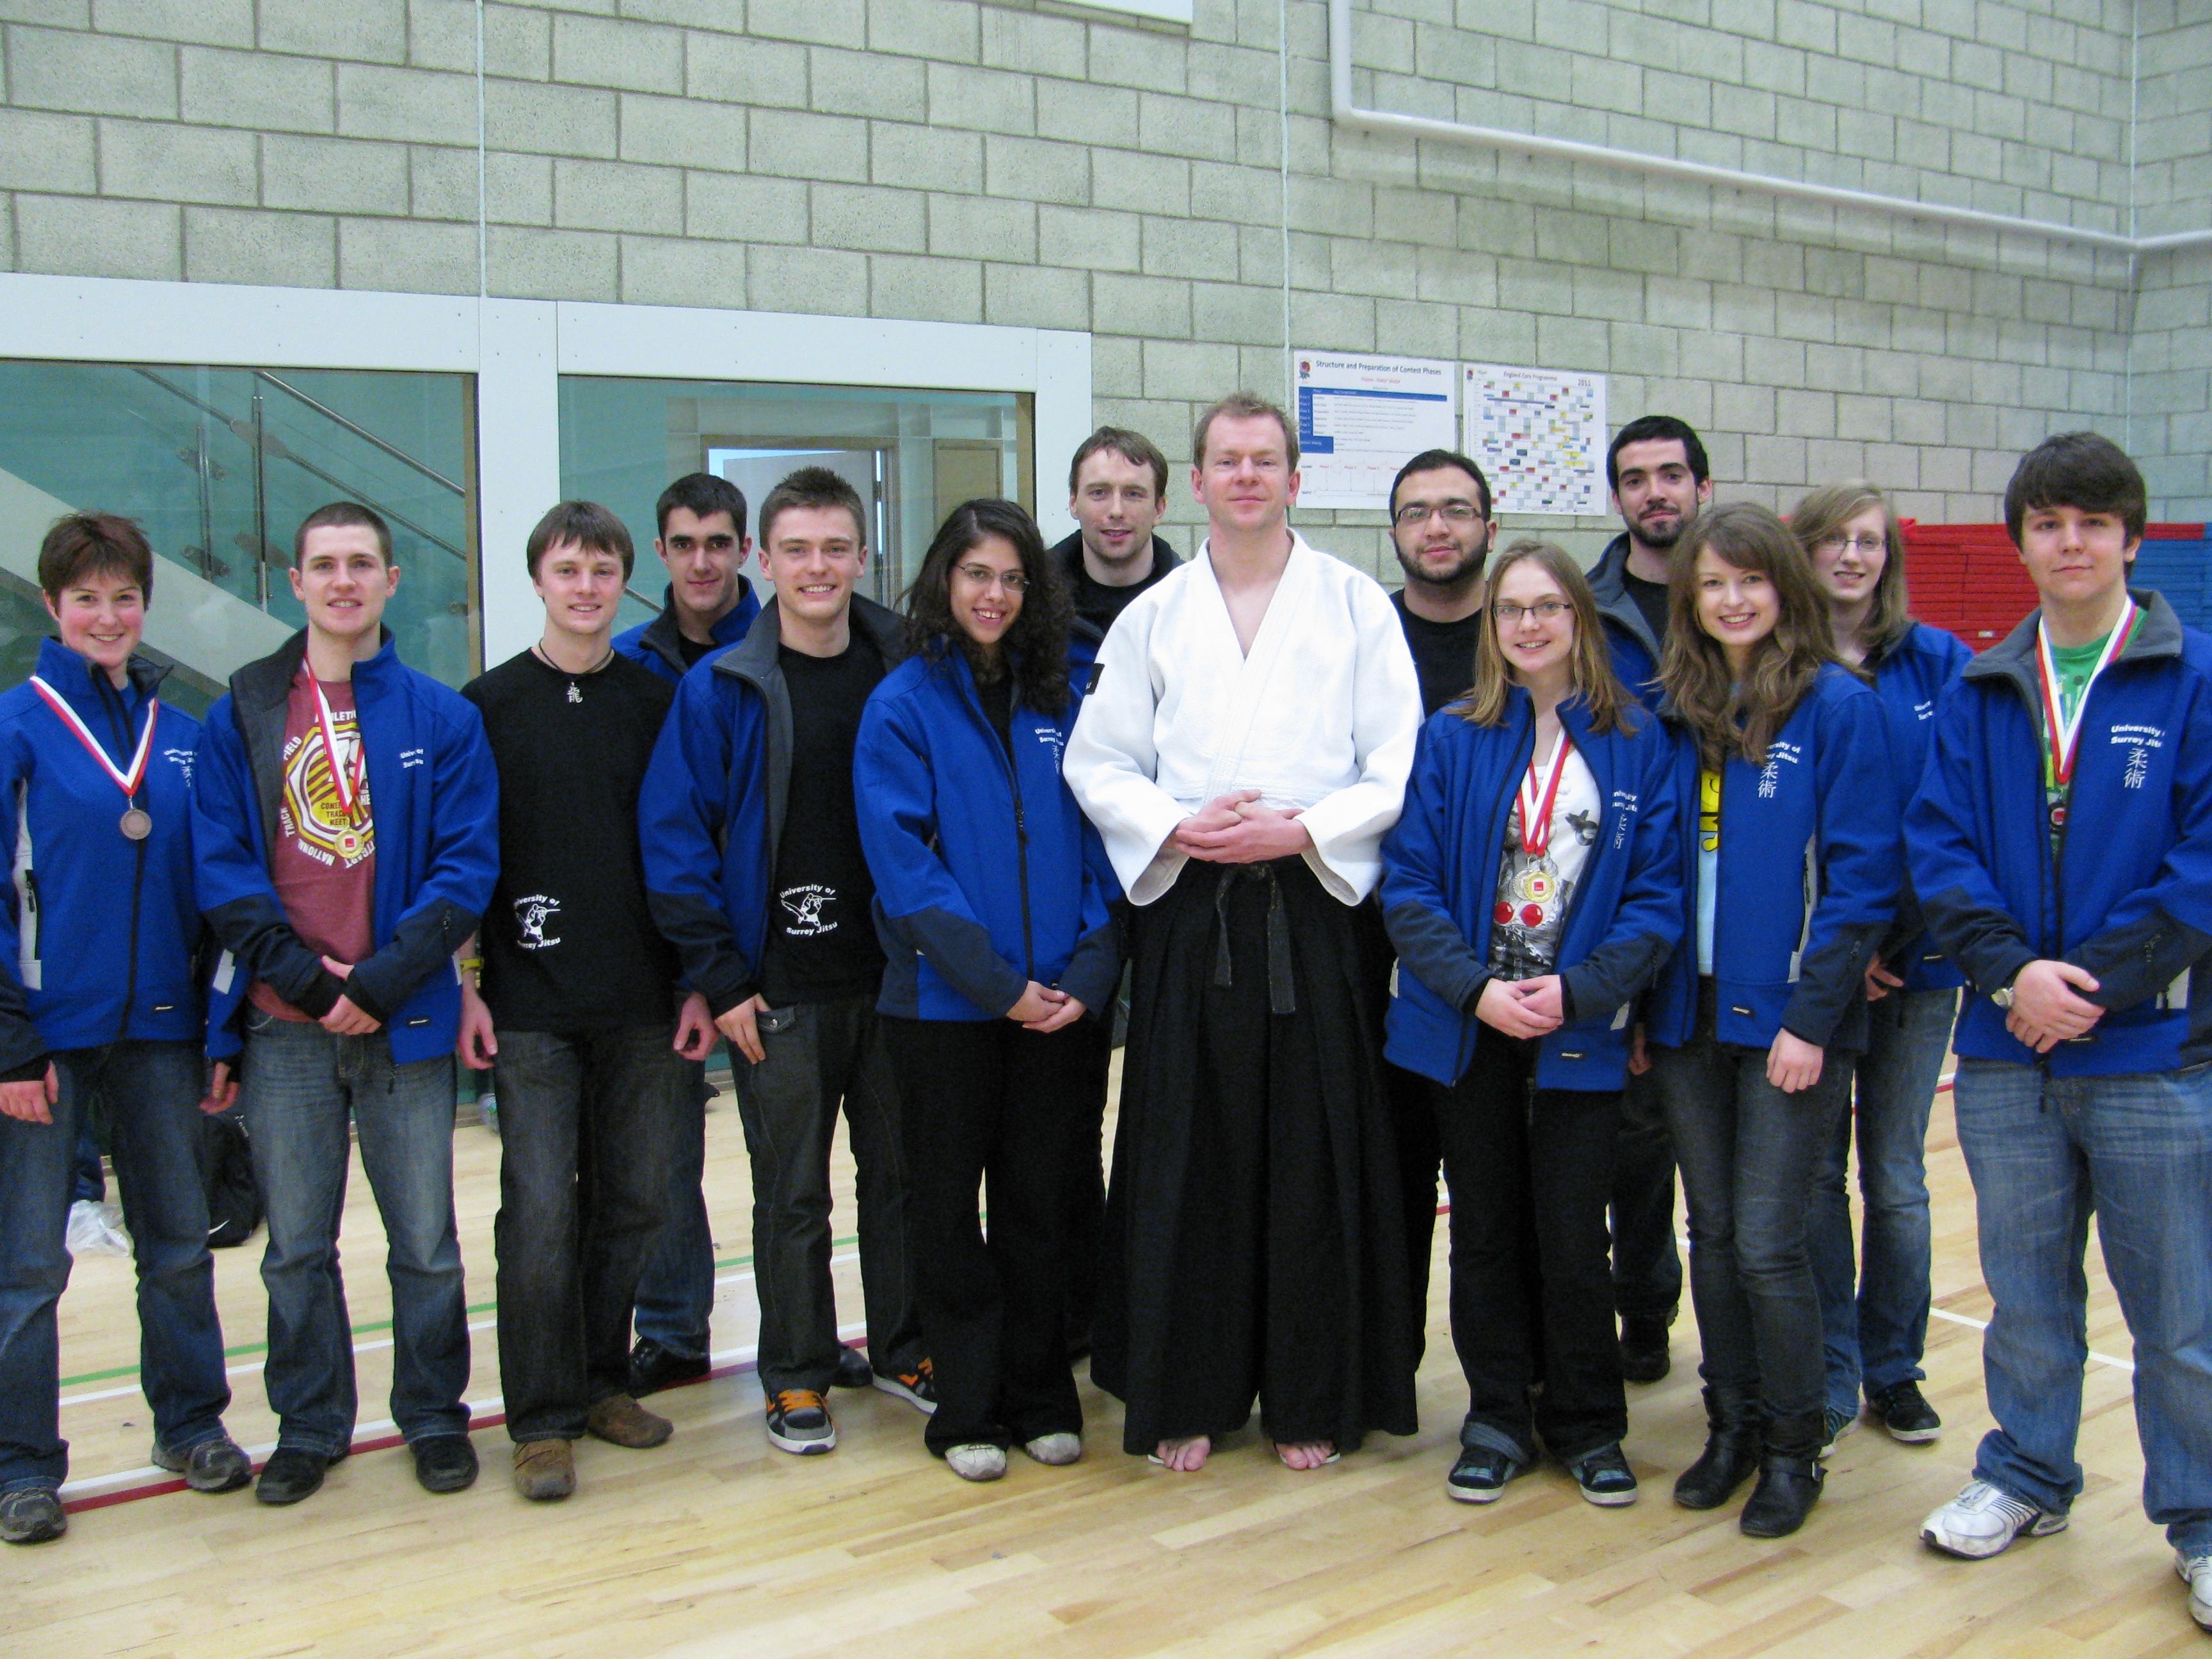 Surrey Jitsu success!